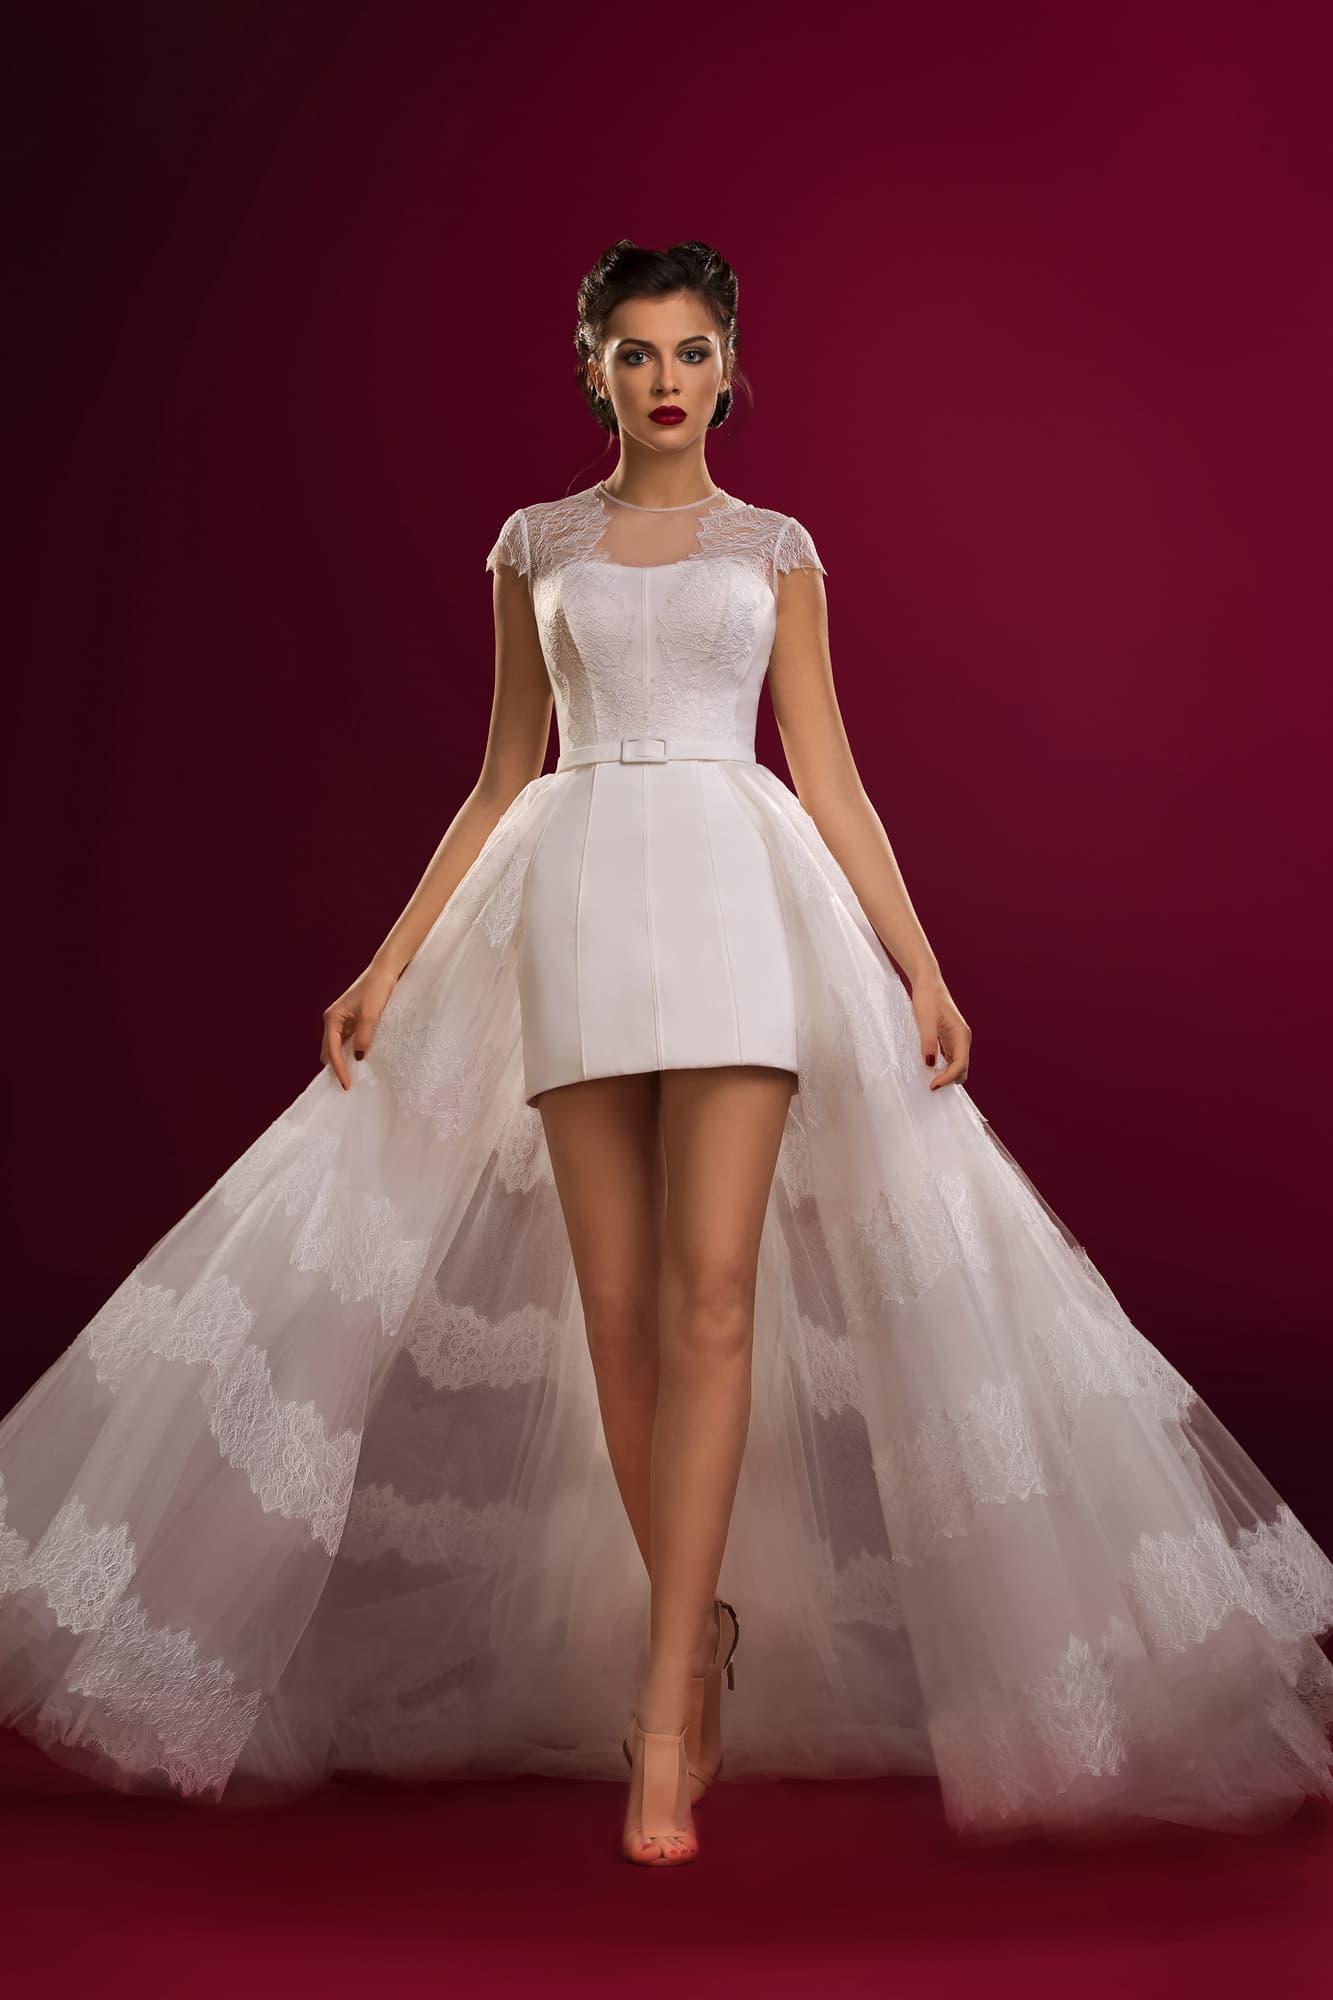 b14009e479c75d5 Короткое свадебное платье с верхней юбкой из тонкой ткани с кружевным  декором.